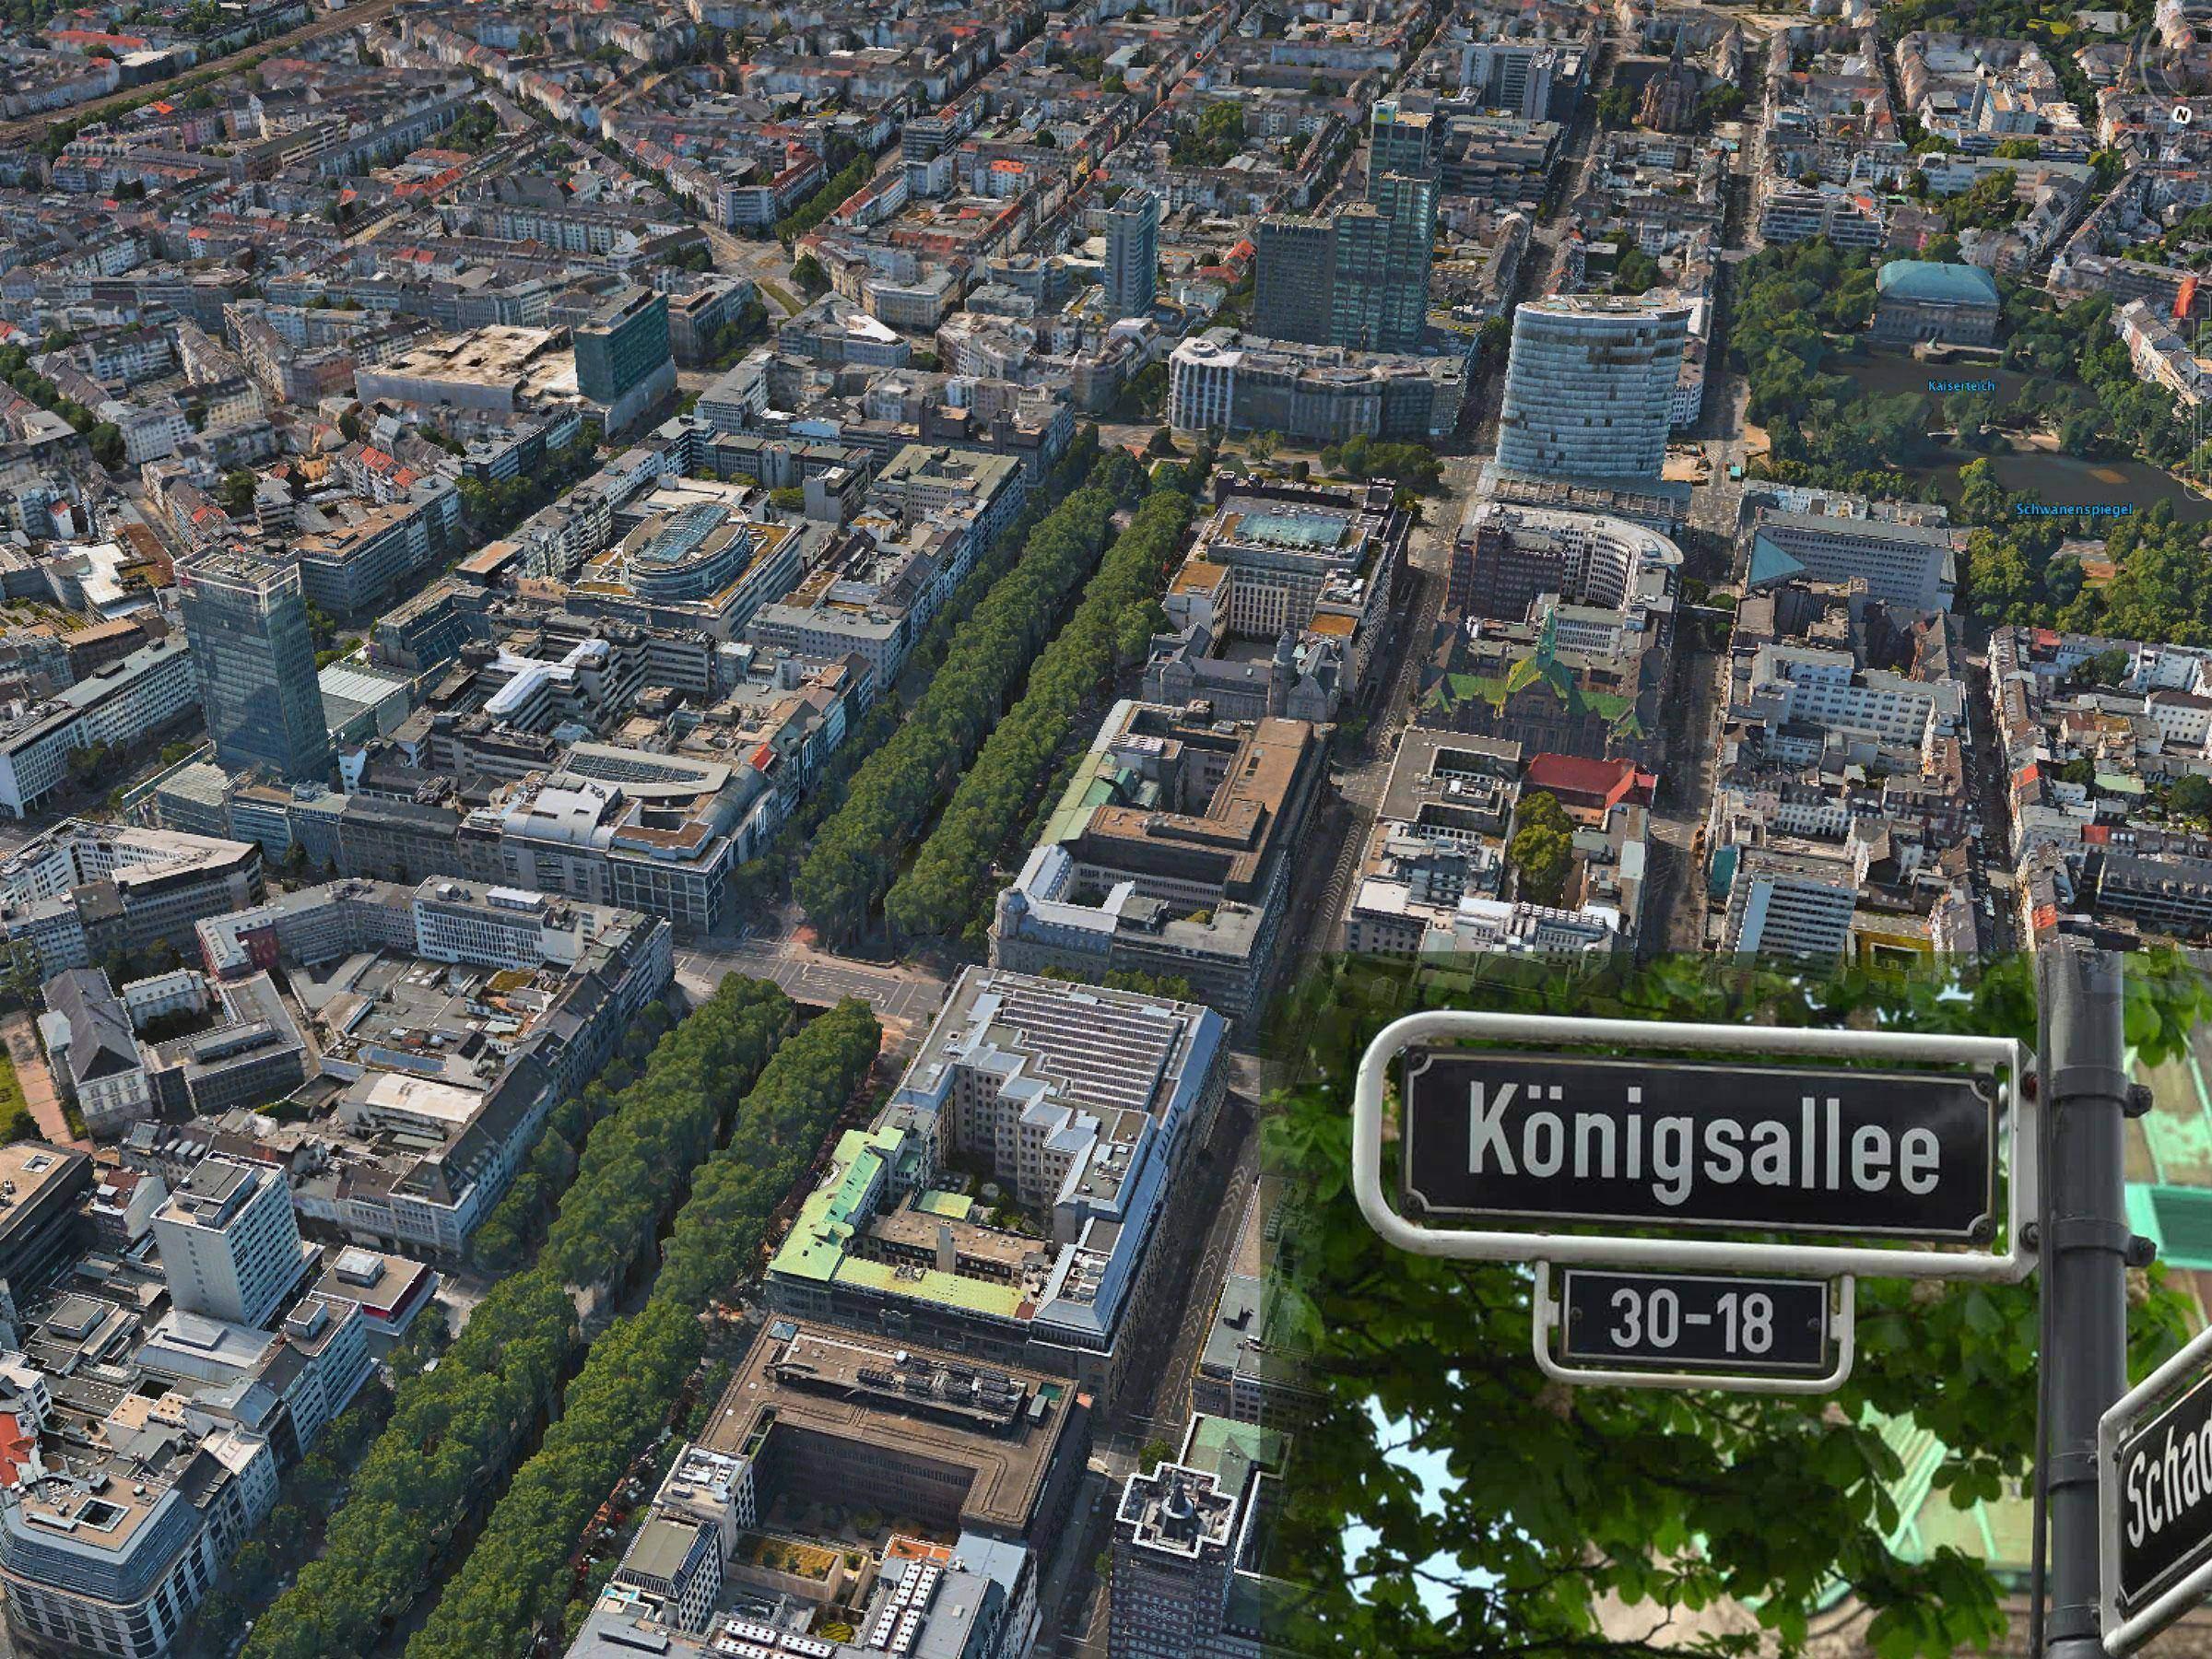 markenting ufficio siamo a Königsallee nella città di Düsseldorf nel cuore pulsante delleconomia Tedesca